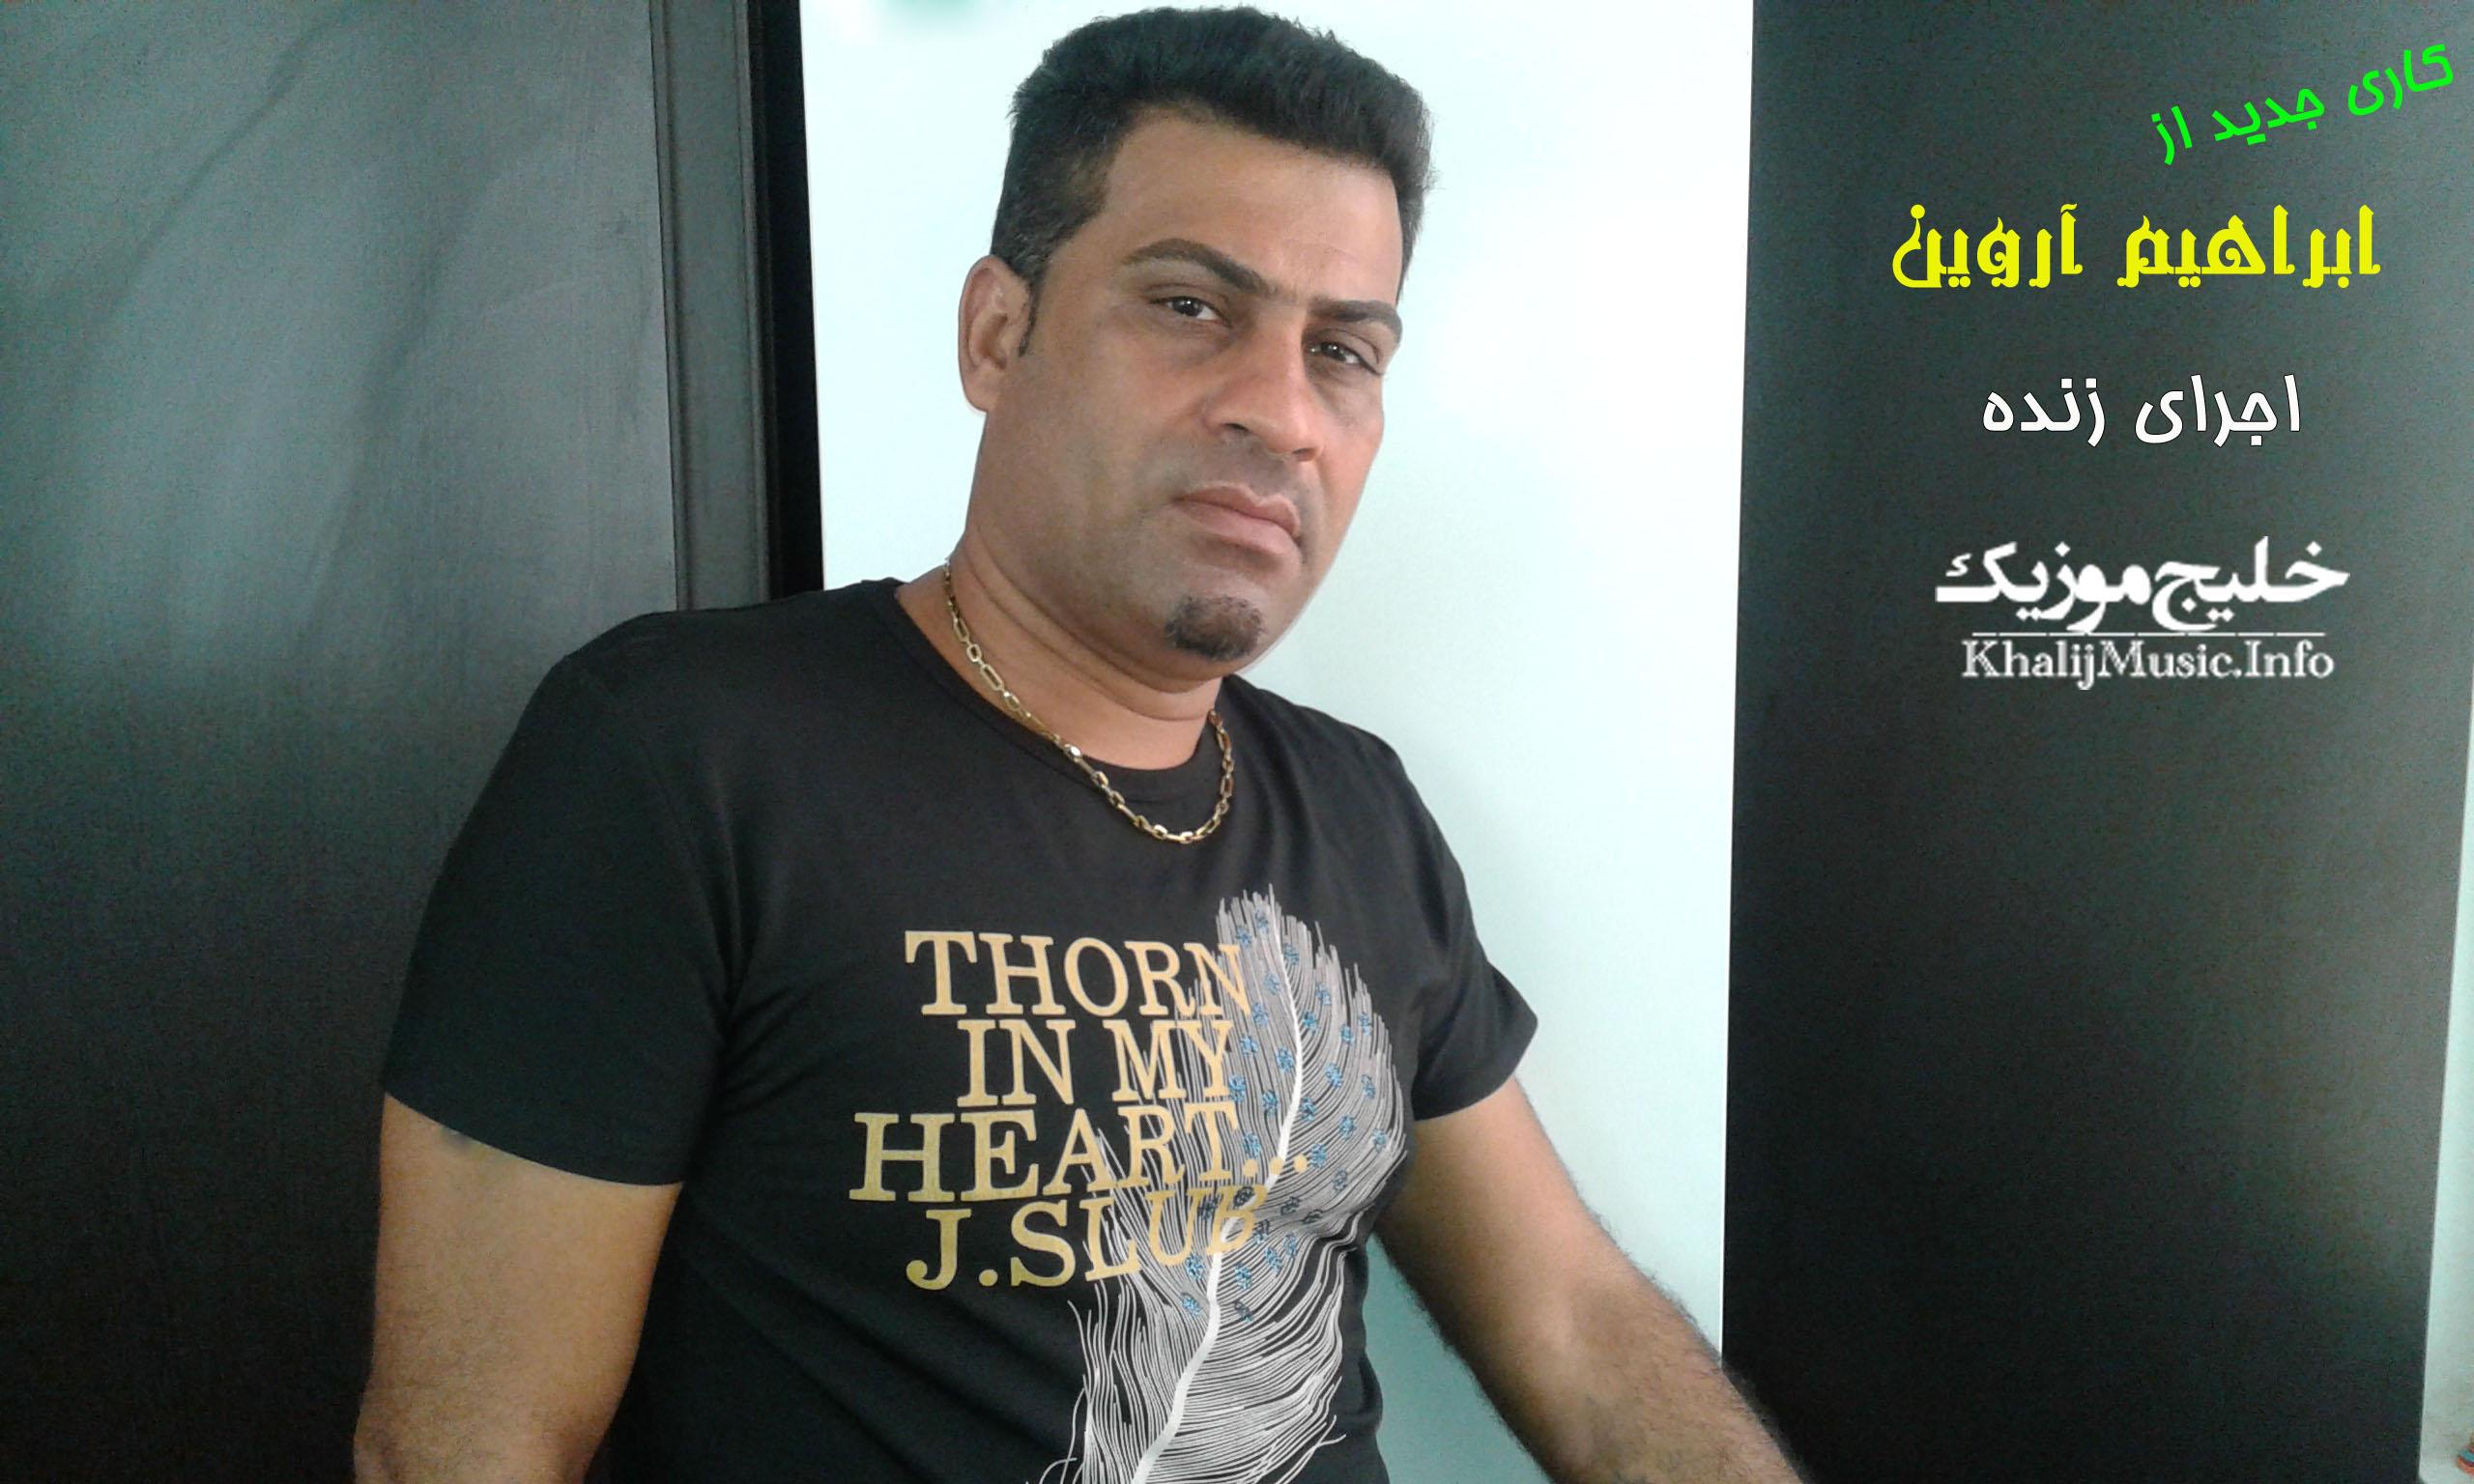 ابراهیم آروین آهنگجدید اجرای زنده و بسیار زیبا و شنیدنی بصورت حفله